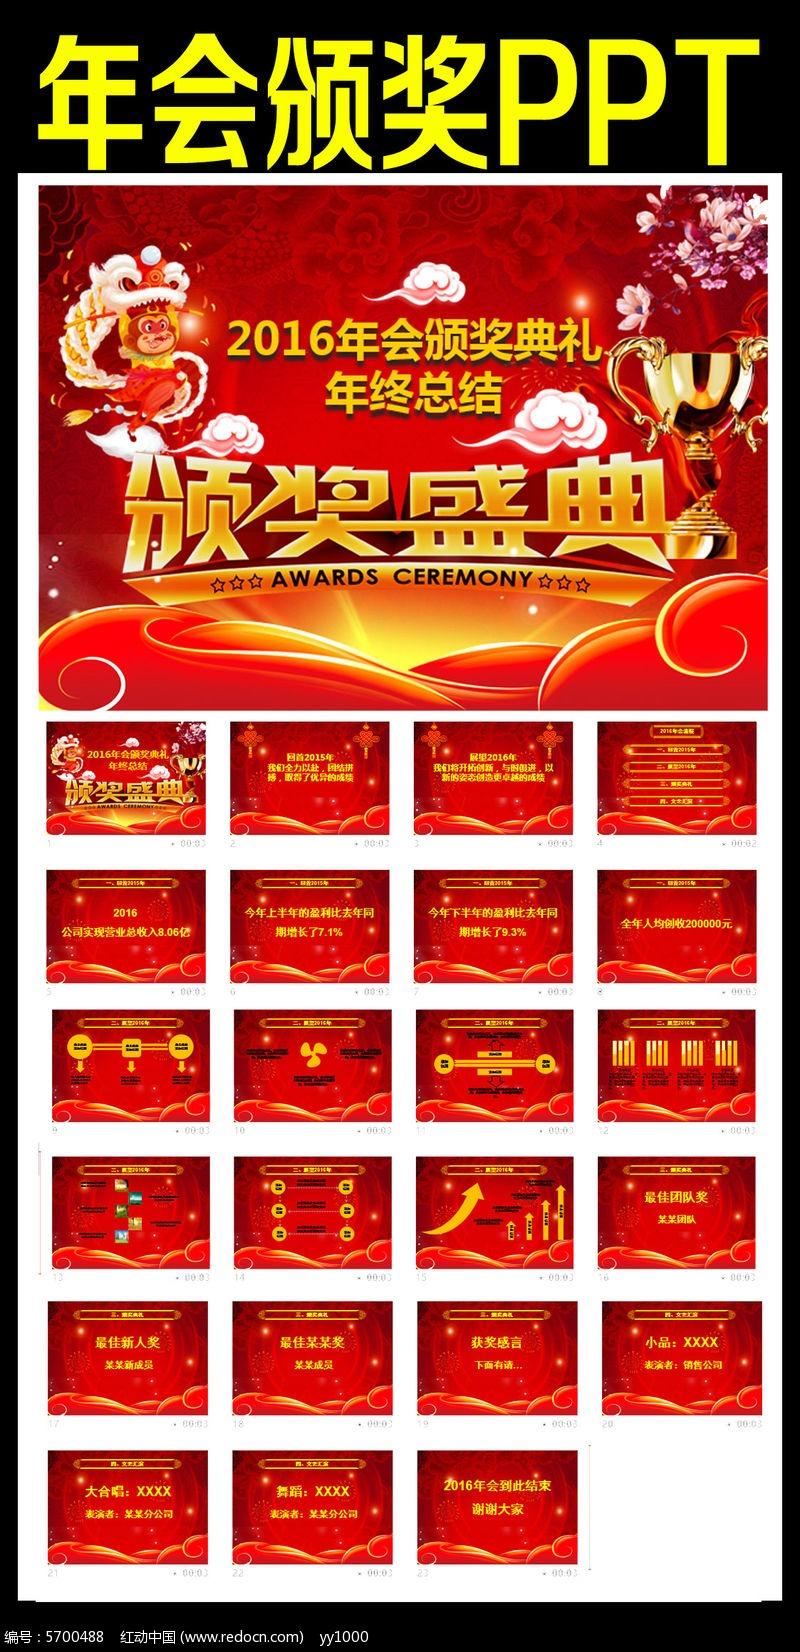 新年喜庆年会颁奖典礼PPT模板图片